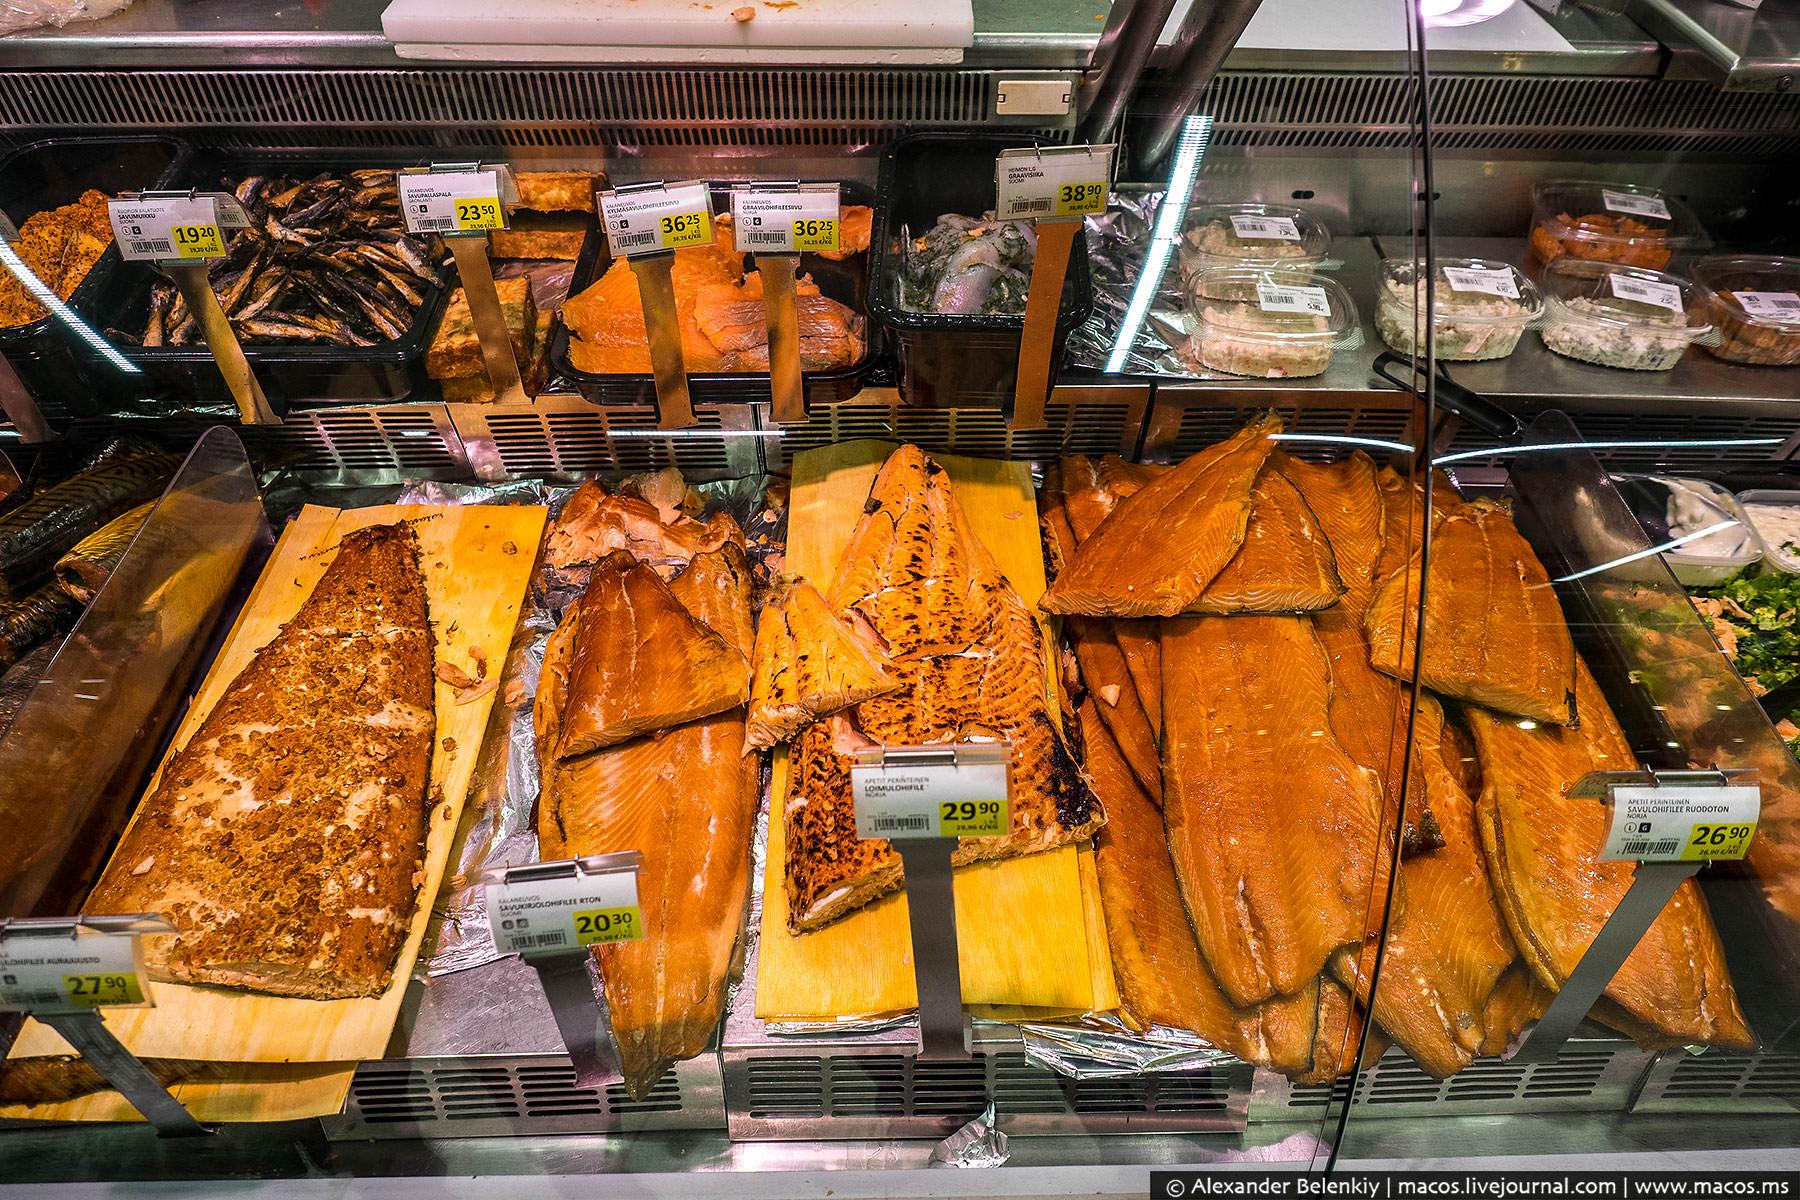 Финляндия — страна лосося. Свежего, соленого, копченого… очень вкусного лосося.